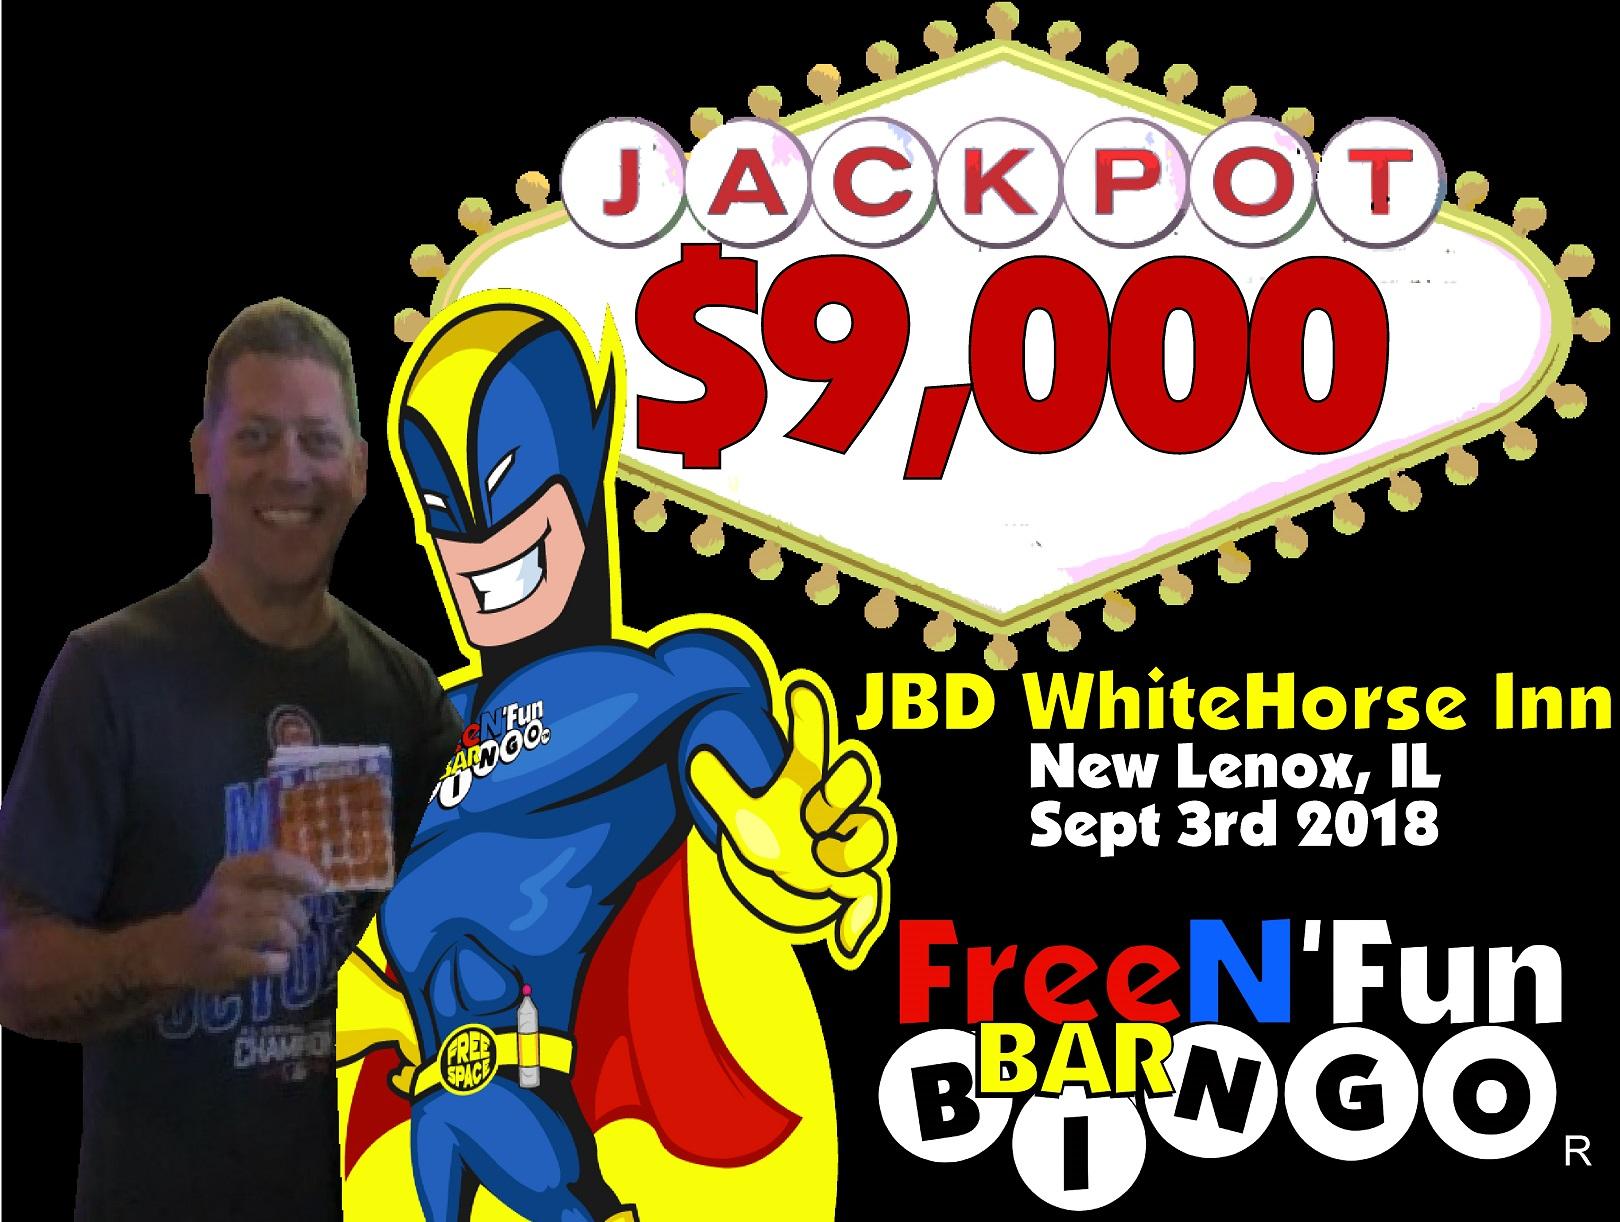 Jackpot Winner 2018 Steve W